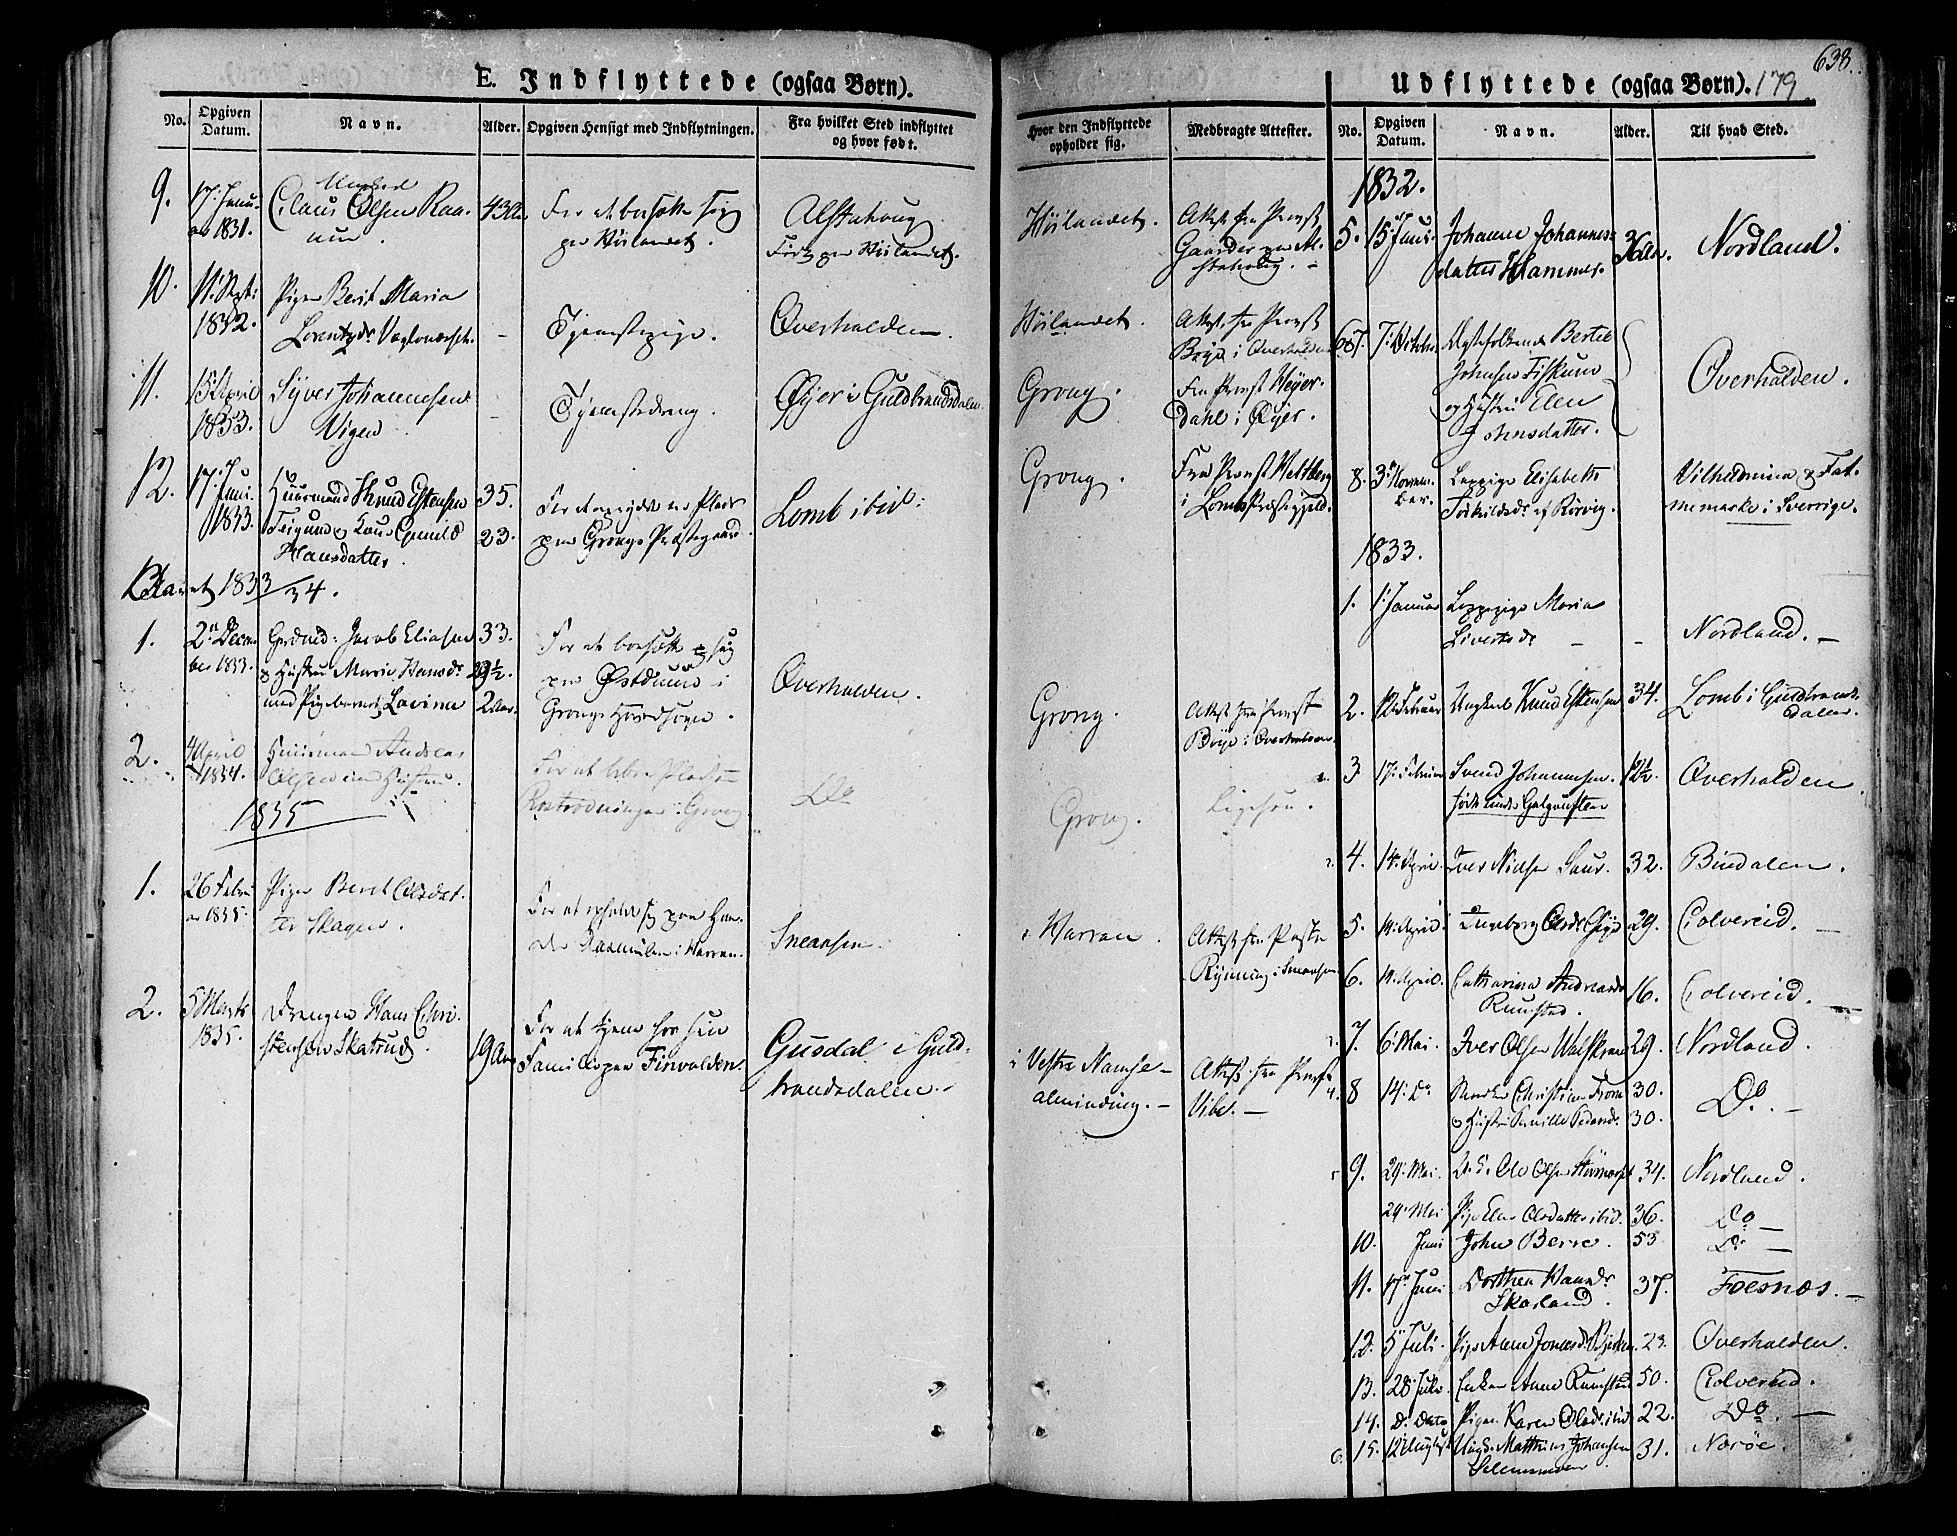 SAT, Ministerialprotokoller, klokkerbøker og fødselsregistre - Nord-Trøndelag, 758/L0510: Ministerialbok nr. 758A01 /1, 1821-1841, s. 179